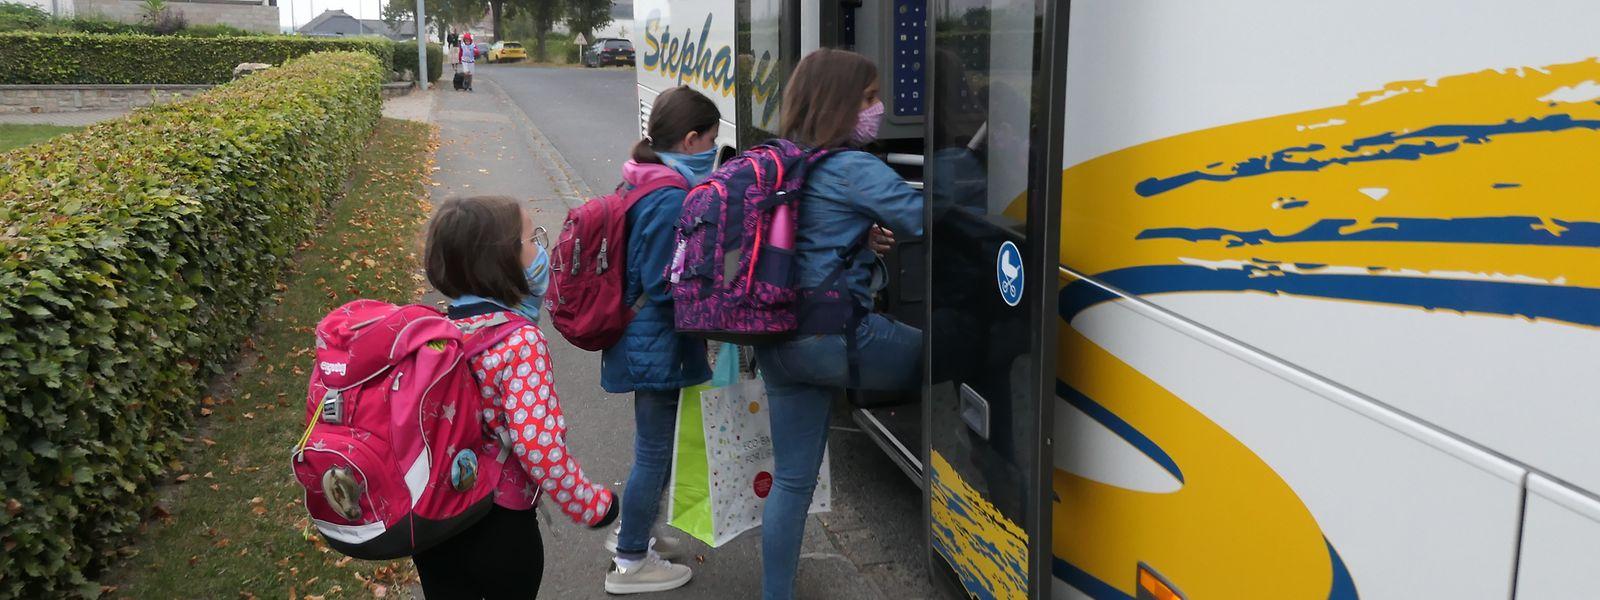 Buff hochziehen und auf nach Wintger: Bis zur Zentralschule um Kiemel brauchen die Grundschulkinder aus Hoffelt mit dem Schulbus dem Fahrplan nach 14 Minuten.